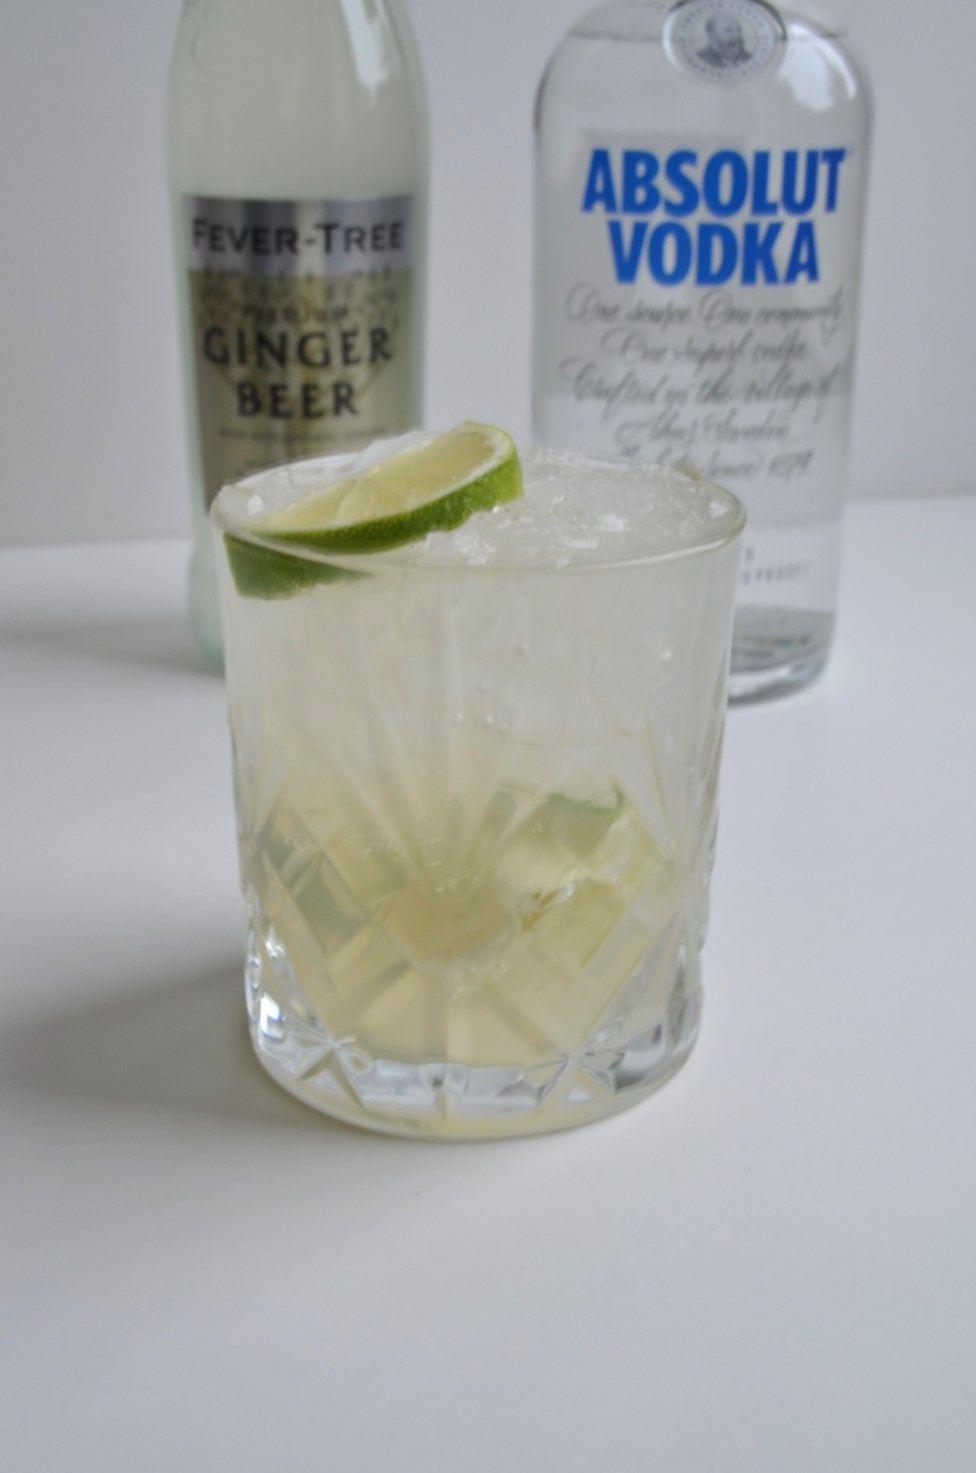 Som lovet kommer her første indlæg i rækken på det nye fredagstiltag, med en opskrift på en lækker cocktail som nemt kan laves derhjemme. Vi starter simpelt ud